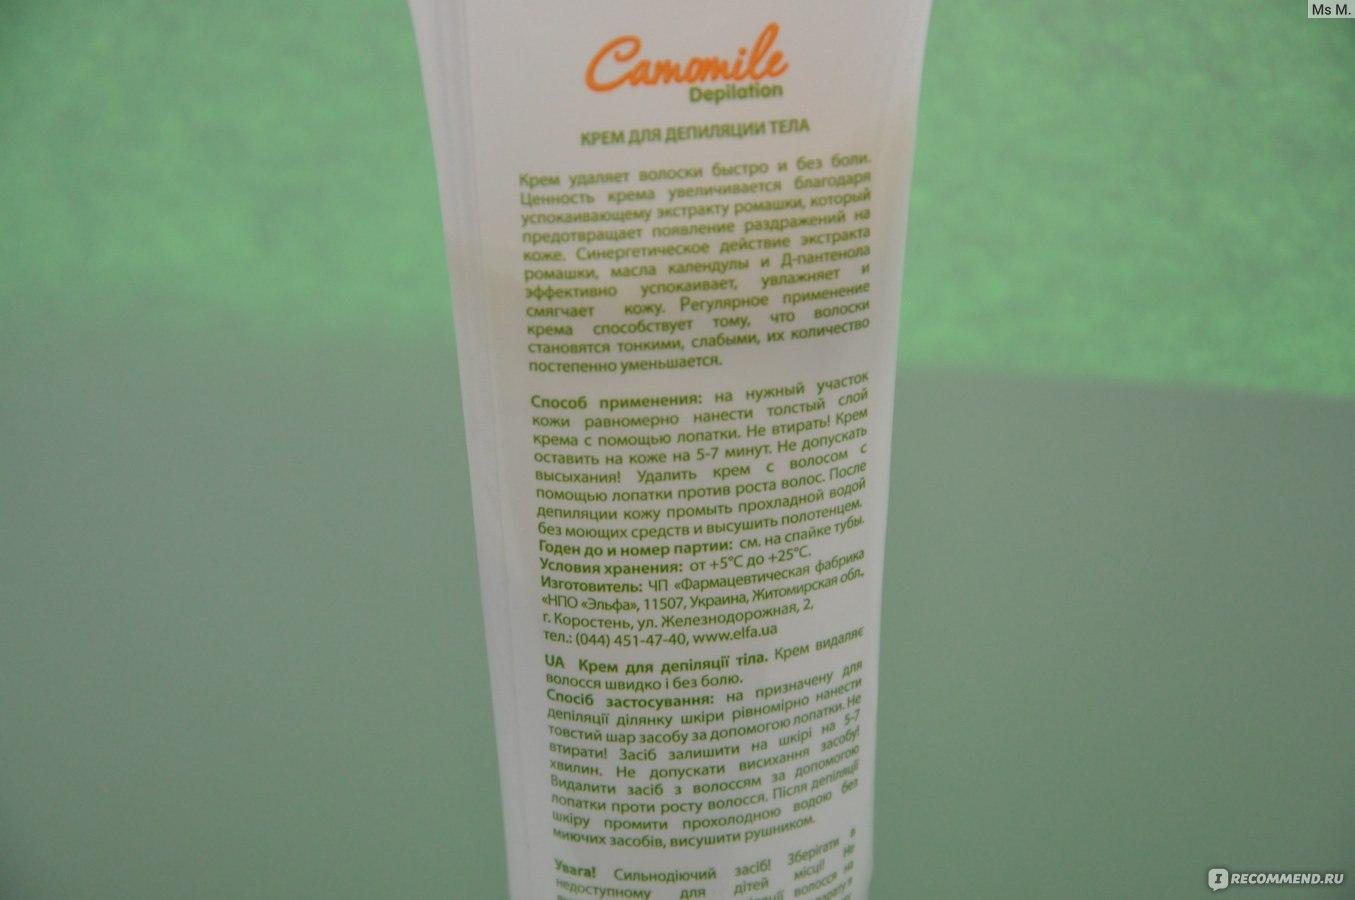 Крем для депиляции ЭЛЬФА Camomile Depilation Sensitive Skin Для  чувствительной кожи фото bdeeca827ce34